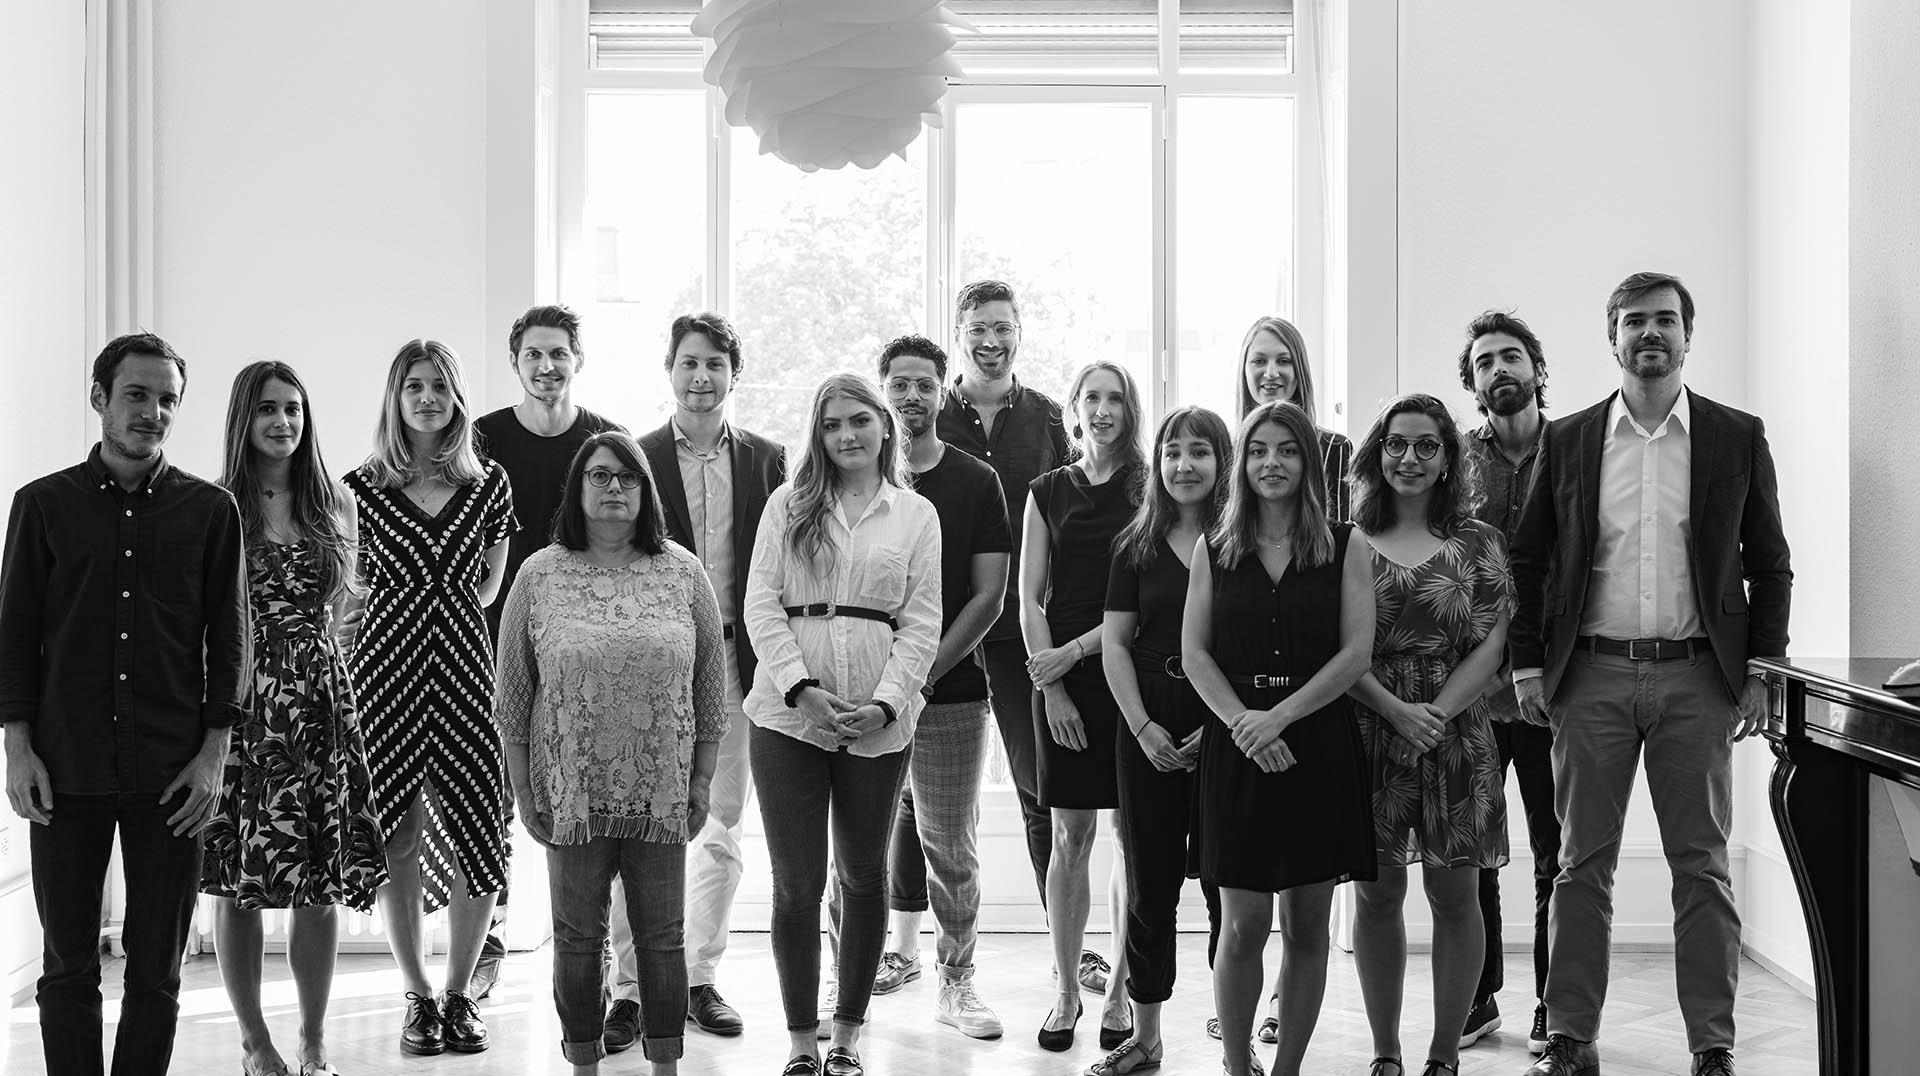 CSDK Architectes Equipe Juin 2020 - Team - CSDK Architectes Equipe Juin 2020